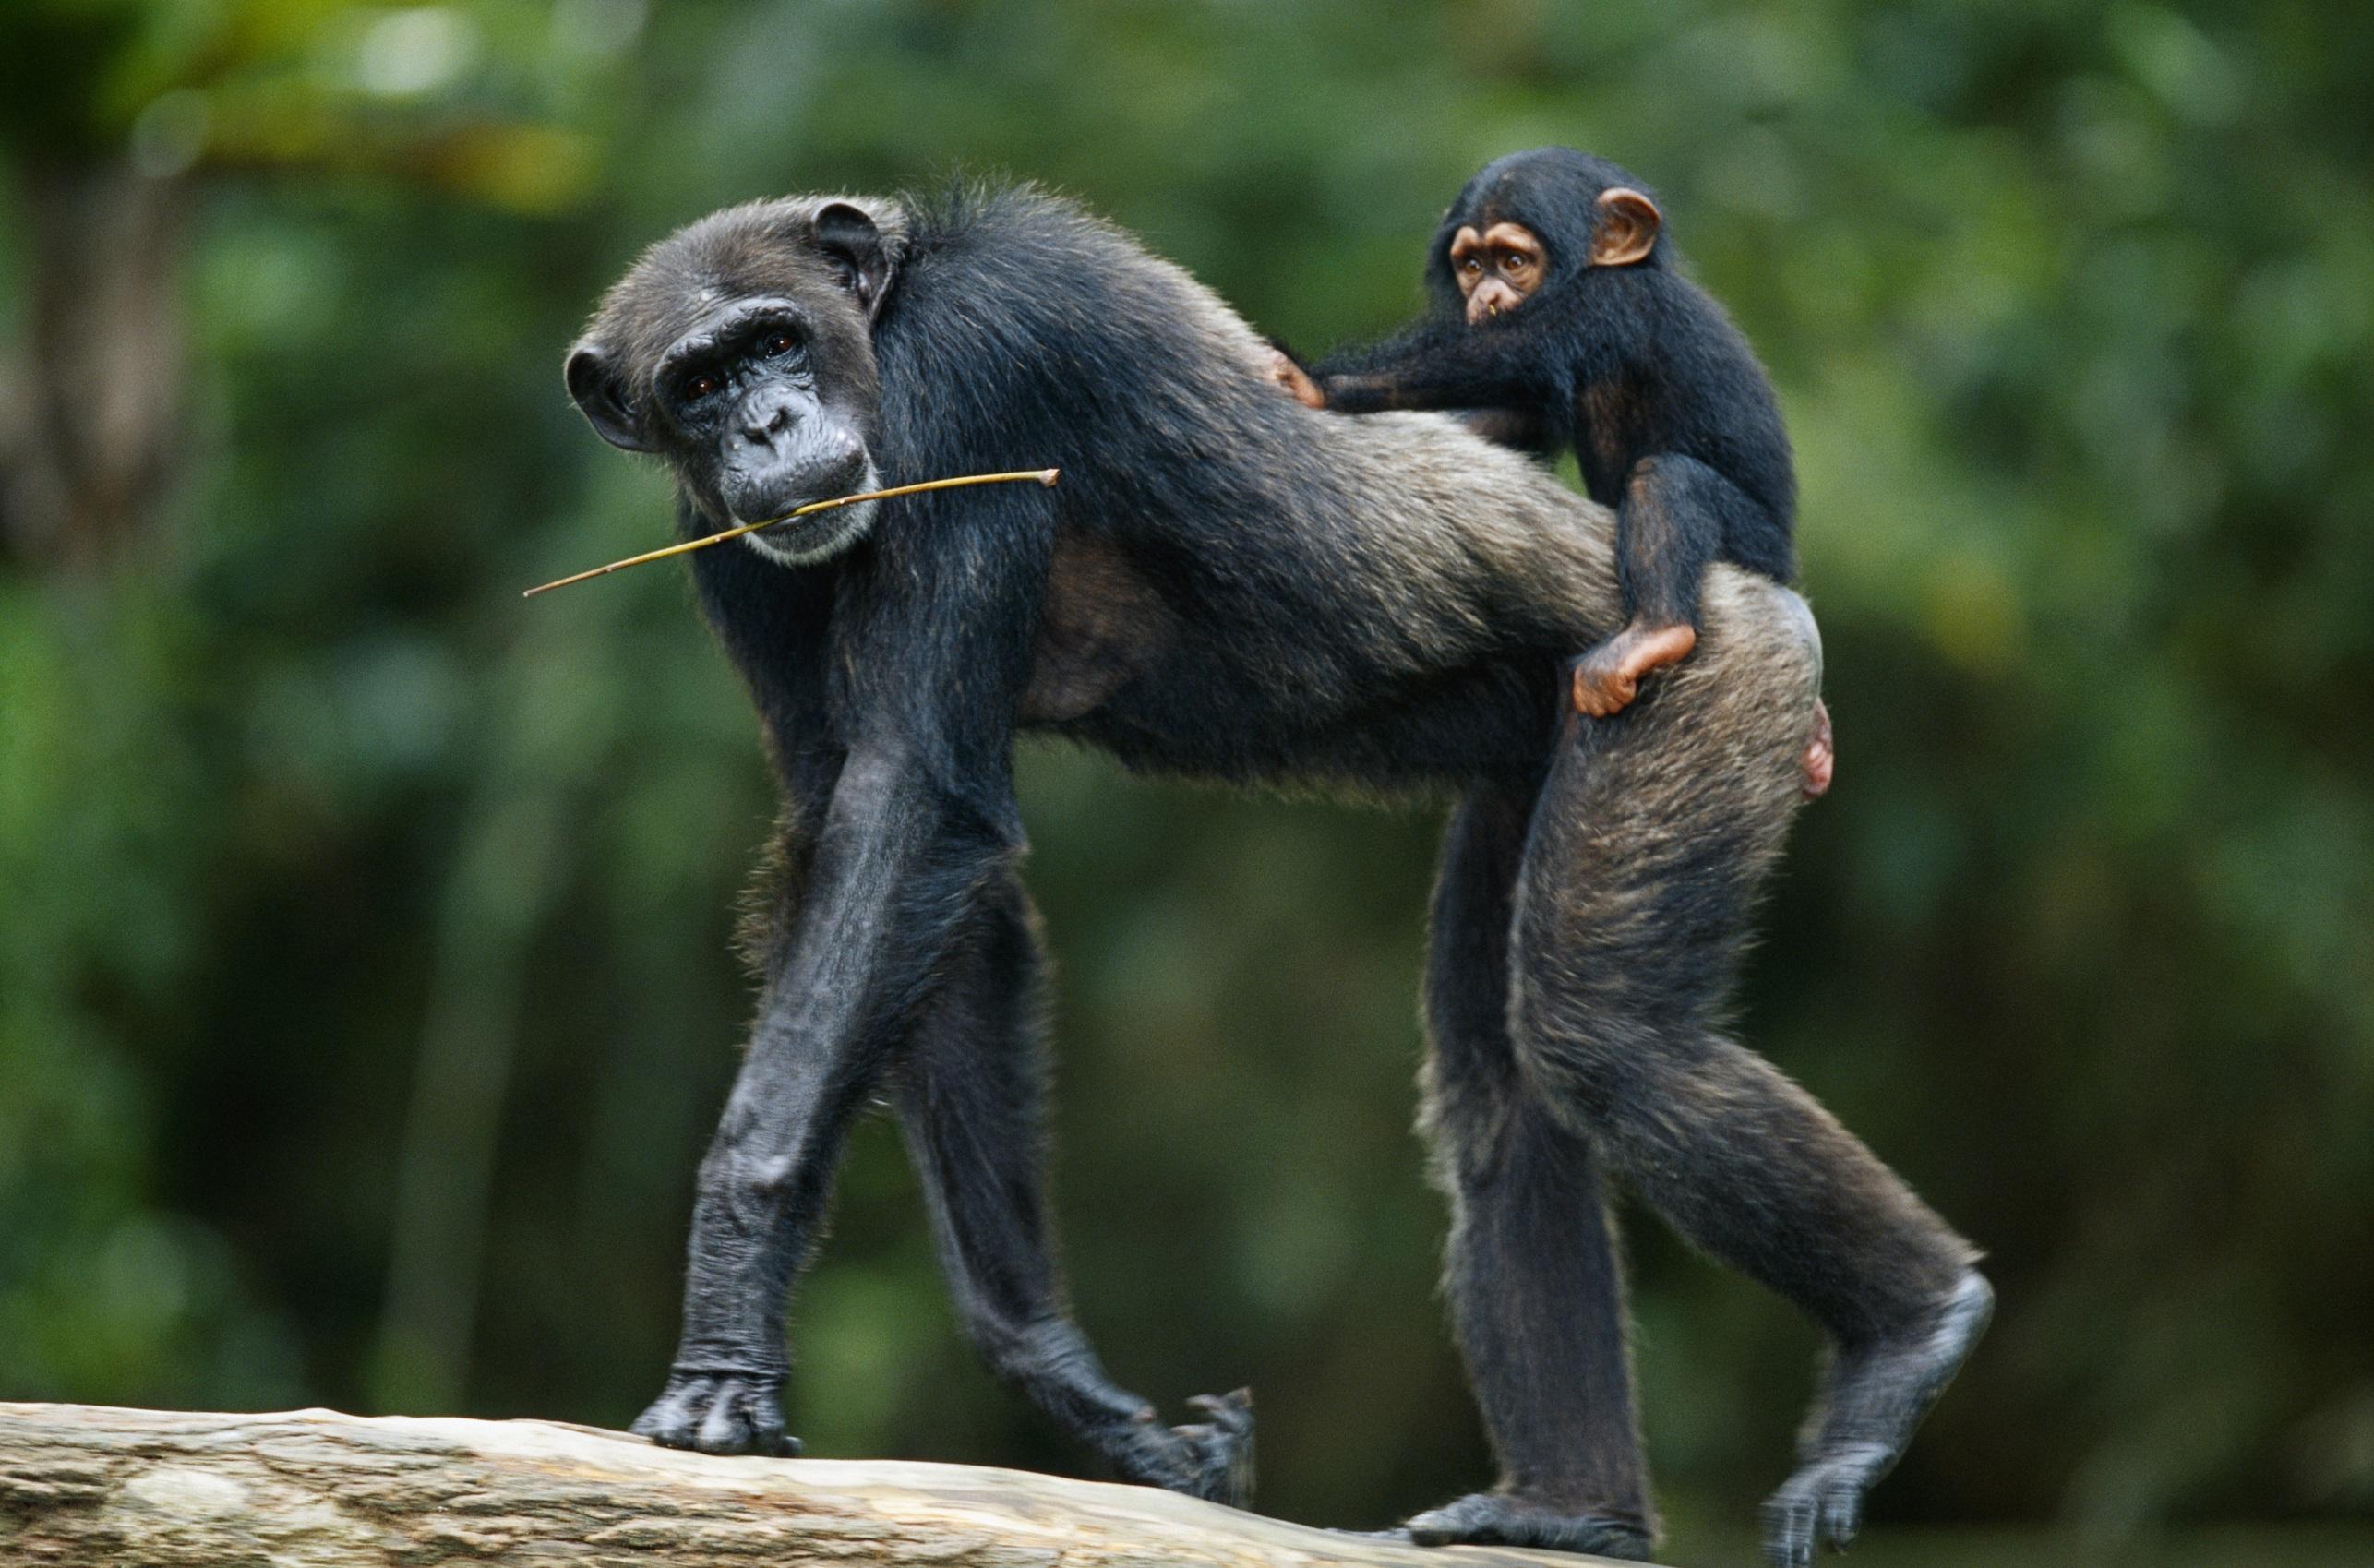 """Мама-шимпанзе сдетёнышем ипалочкой для ловли термитов. <a rel=""""nofollow"""" href=""""http://viajeaqui.abril.com.br/national-geographic/blog/curiosidade-animal/chimpanze-o-surgimento-da-cultura-atraves-do-polegar/200207470-001/"""" target=""""_blank"""">Источник</a>."""